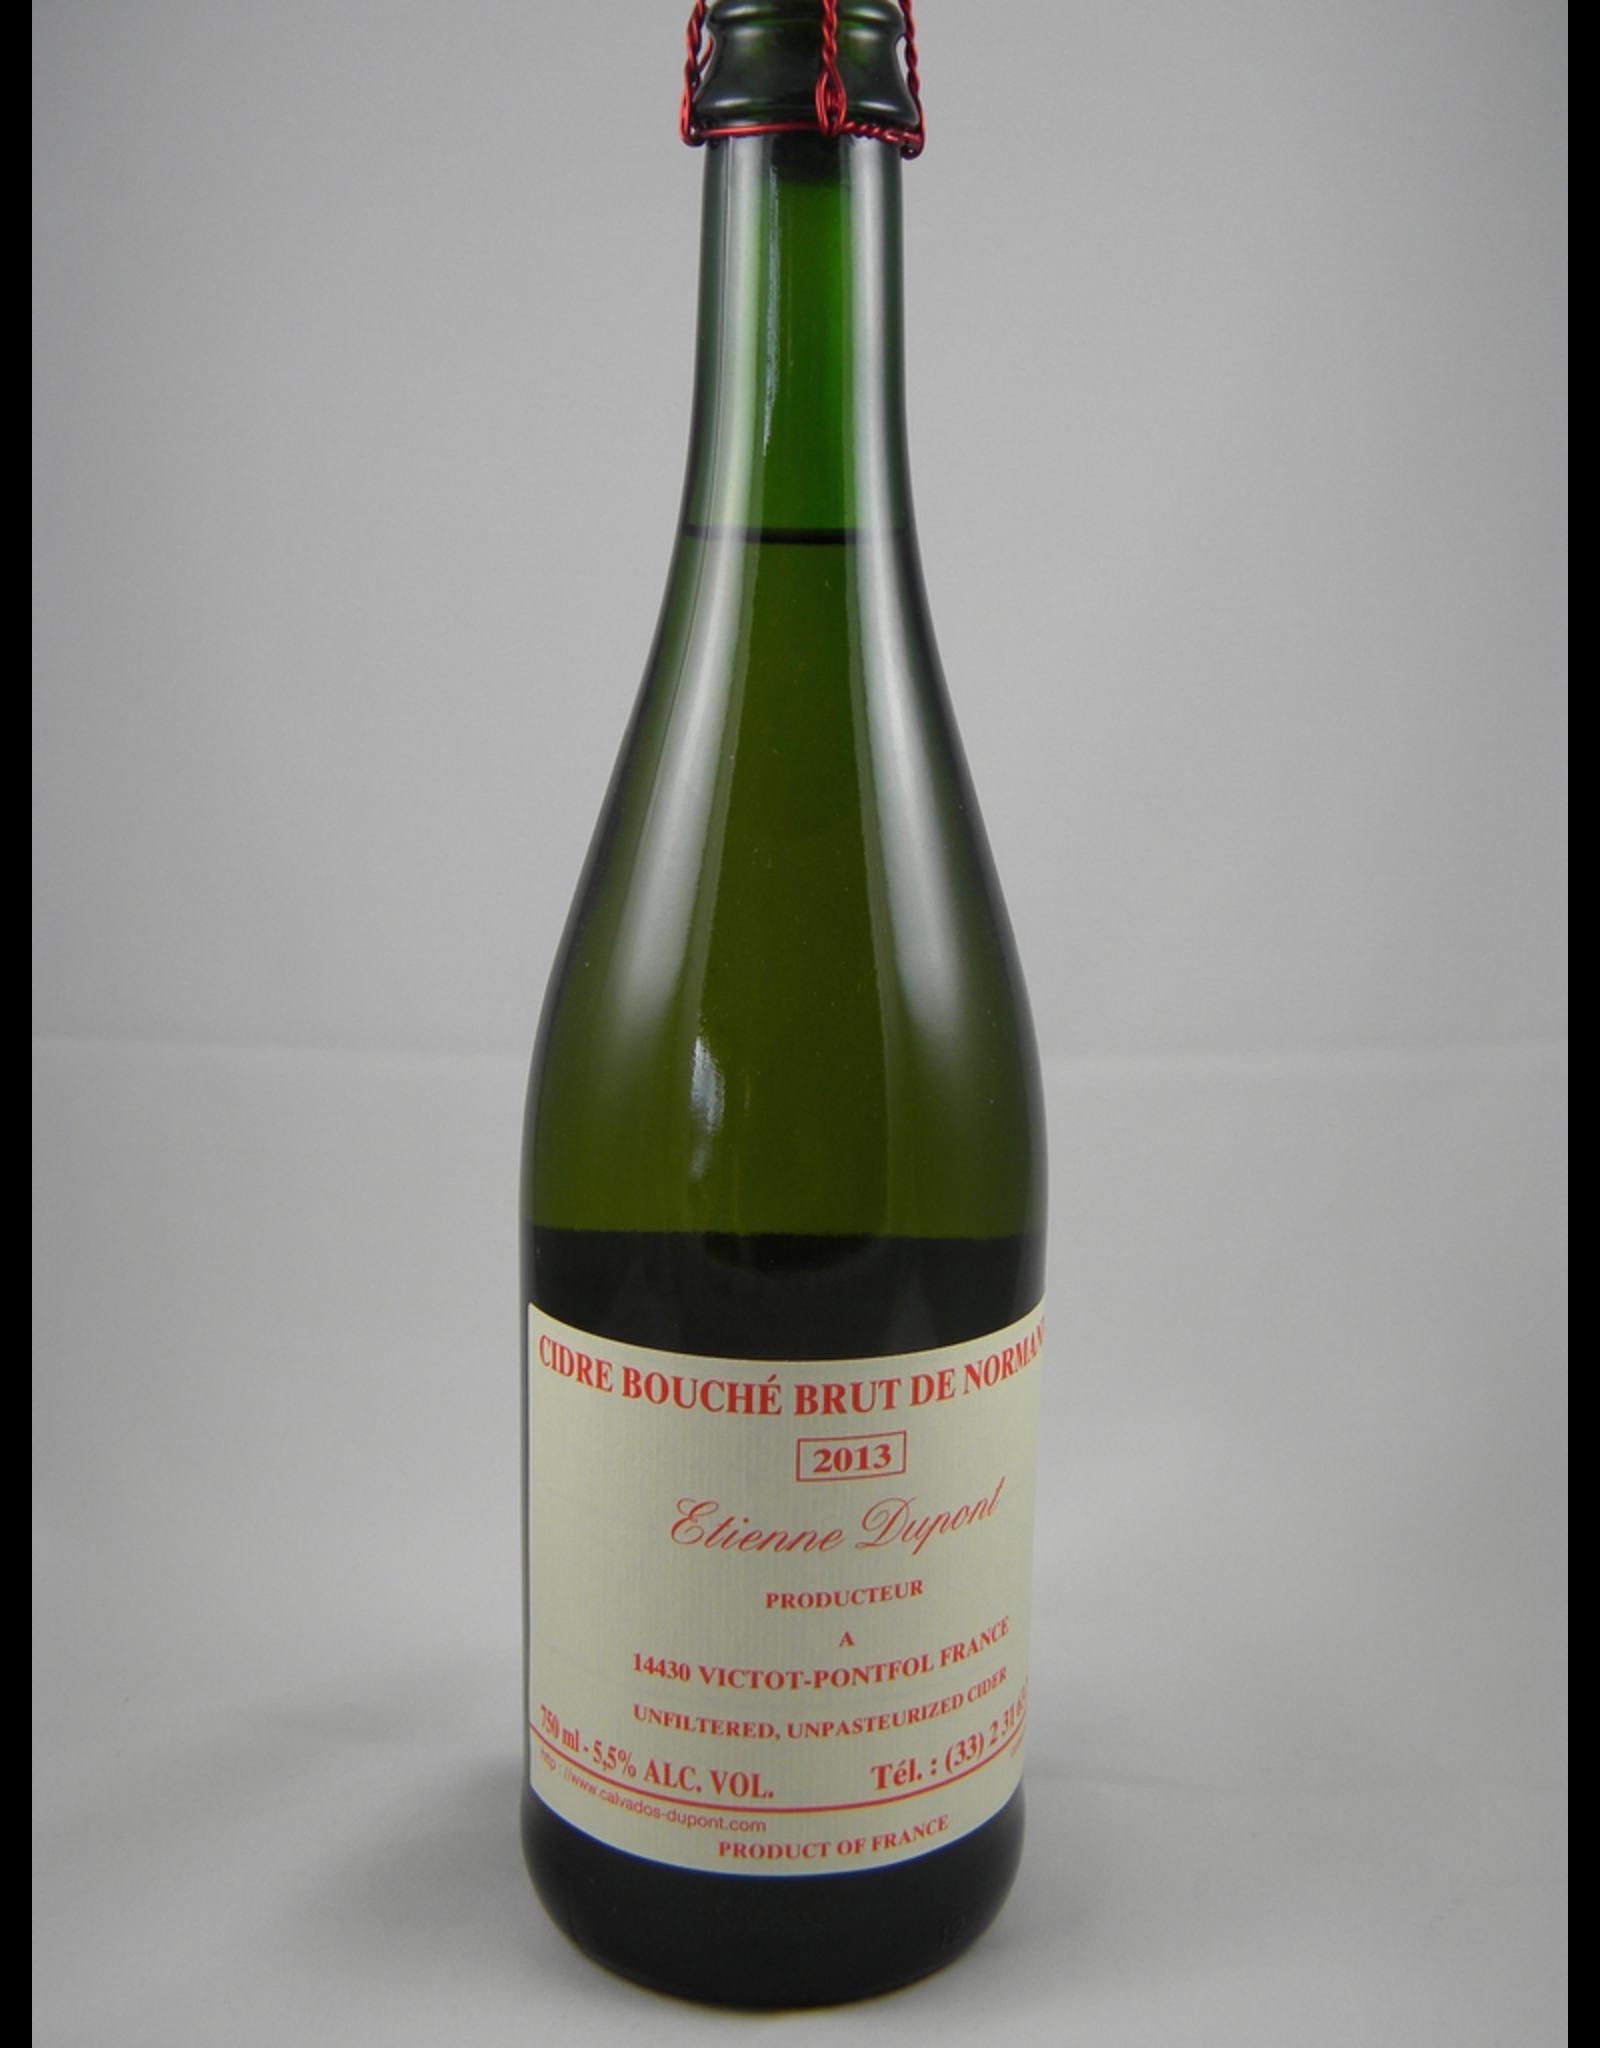 Dupont E. Dupont Cidre Bouché Brut Normandie 2018